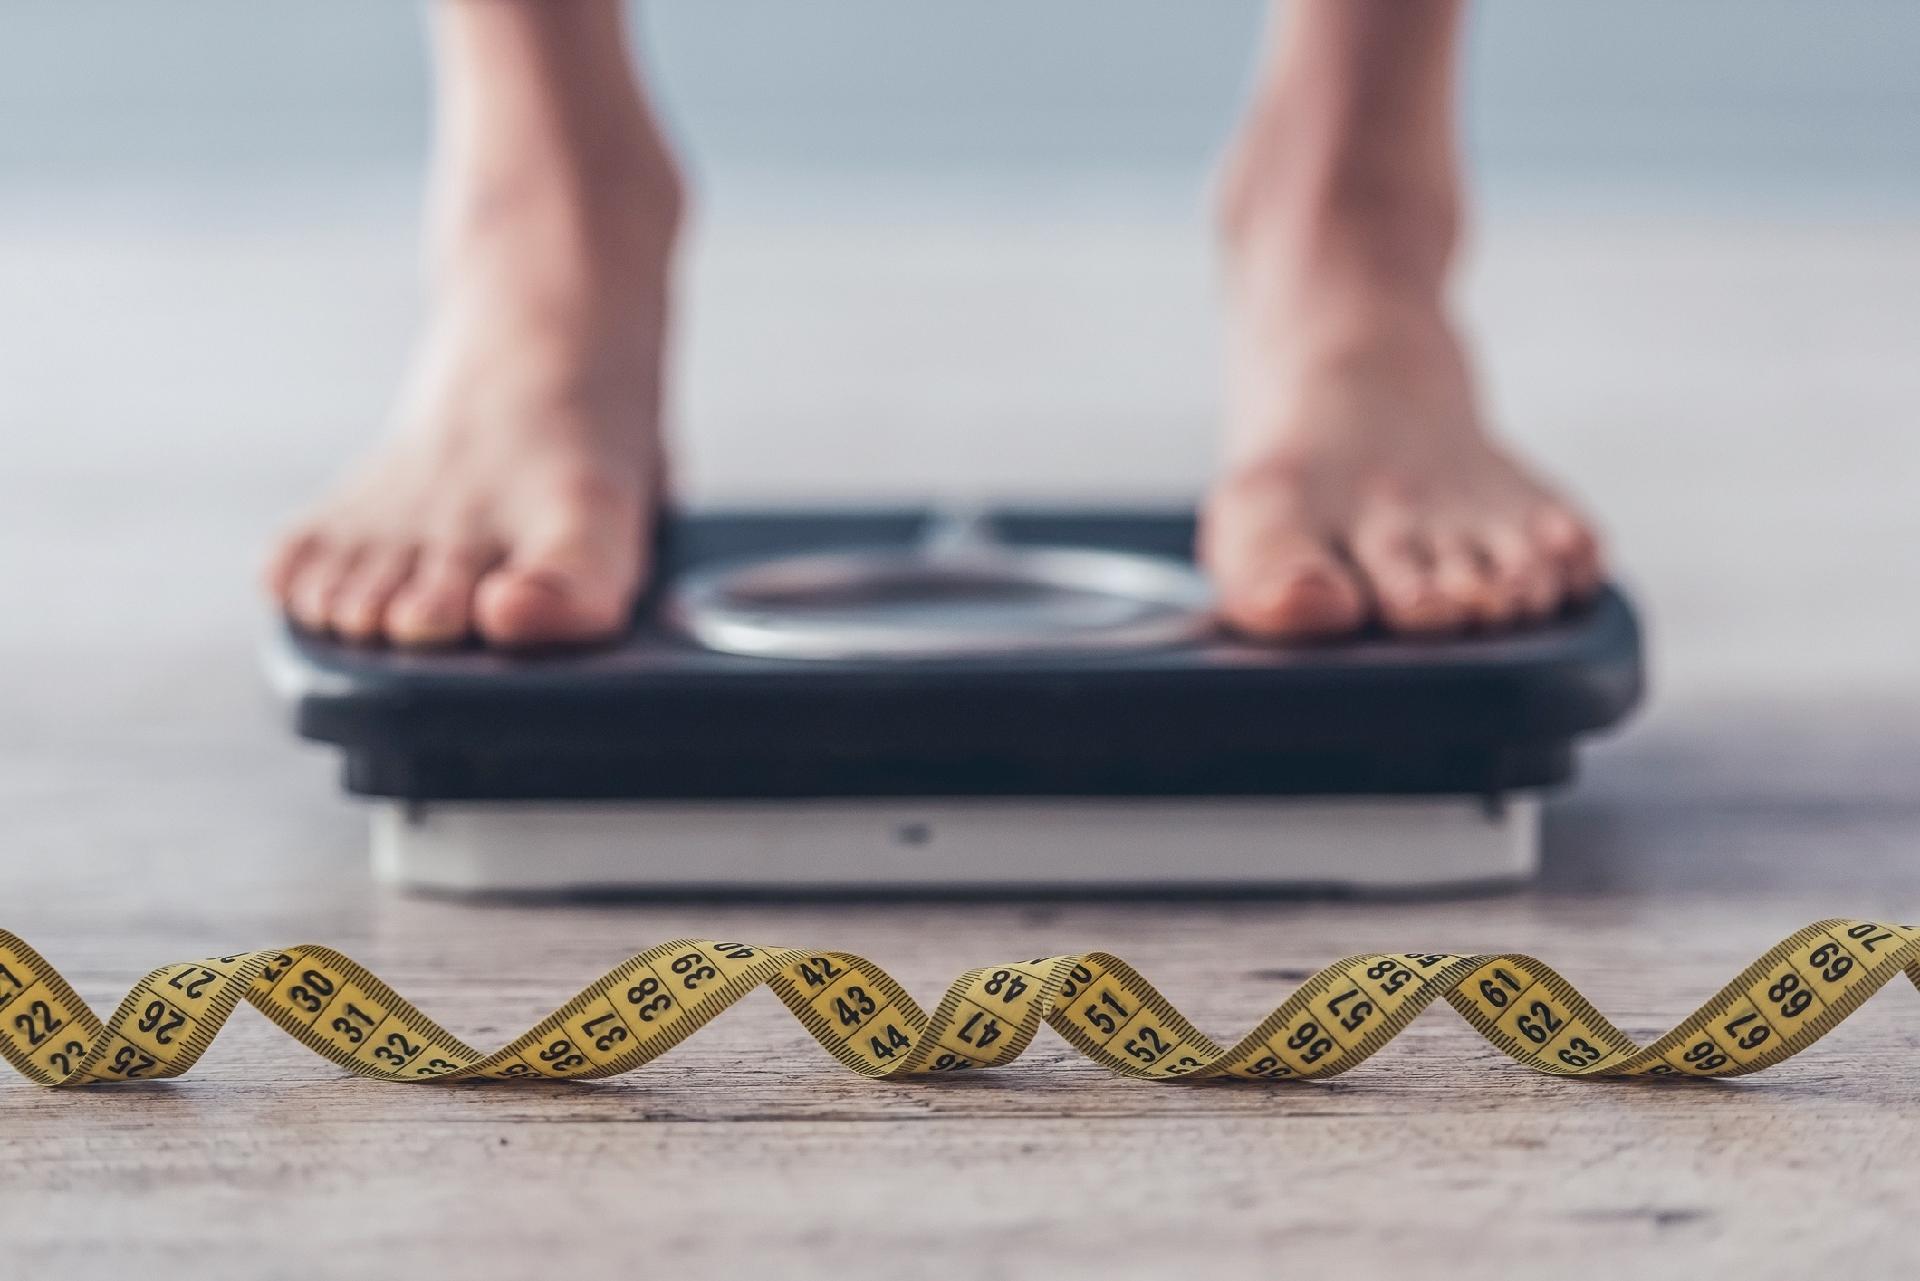 Faz perder que peso hormonio